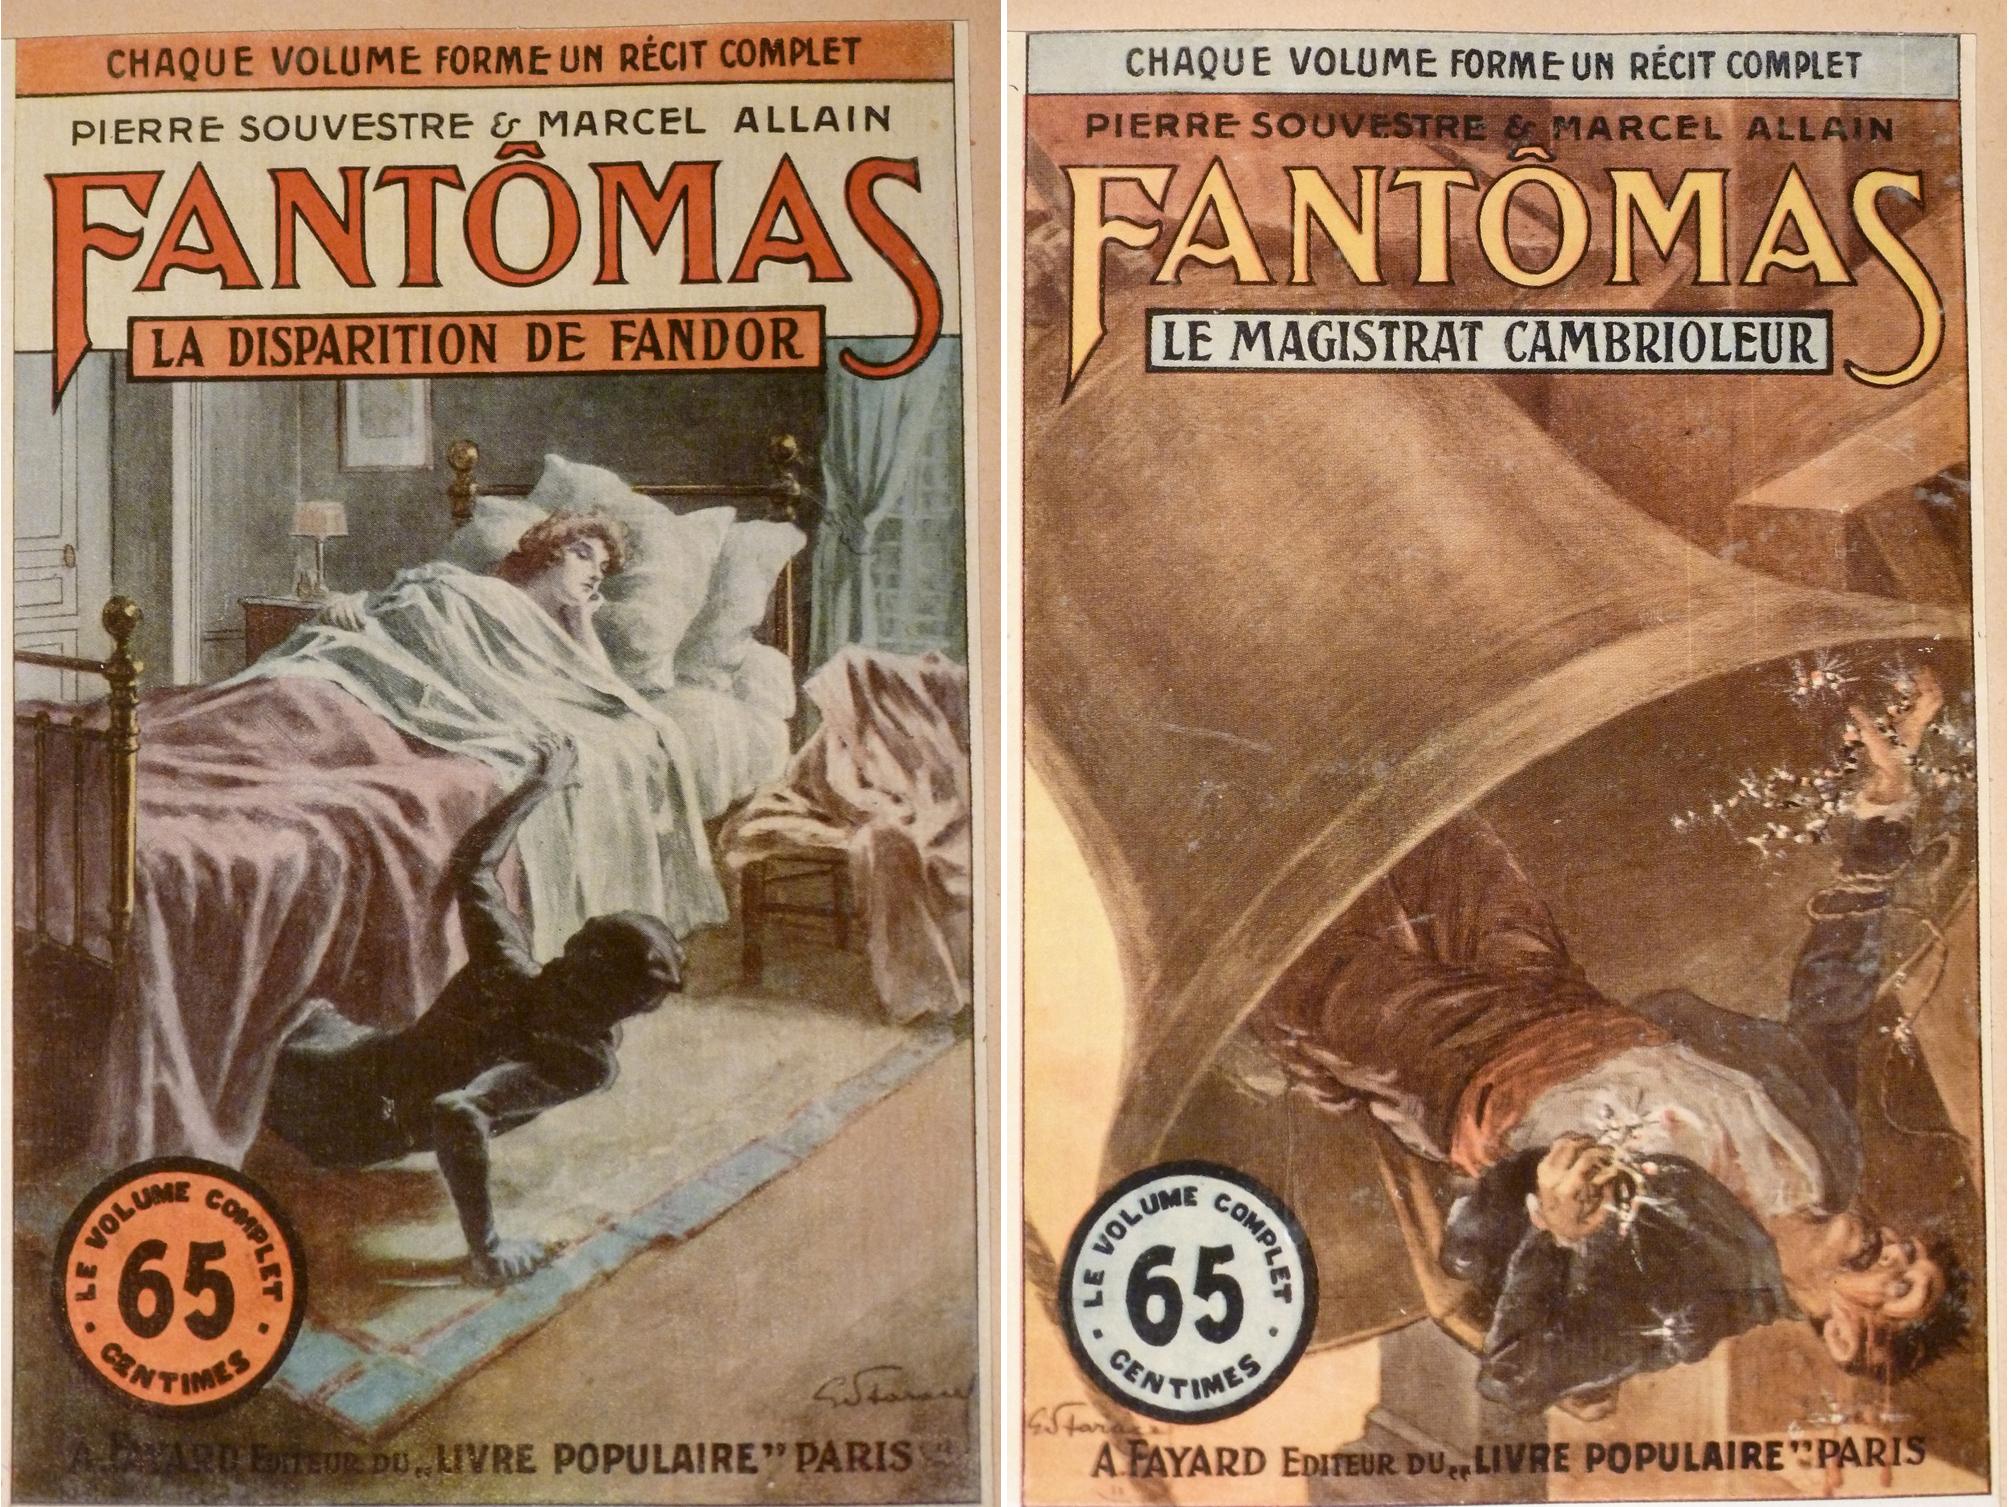 Etude Des Couvertures De La Serie Des Fantomas Dessinees Par